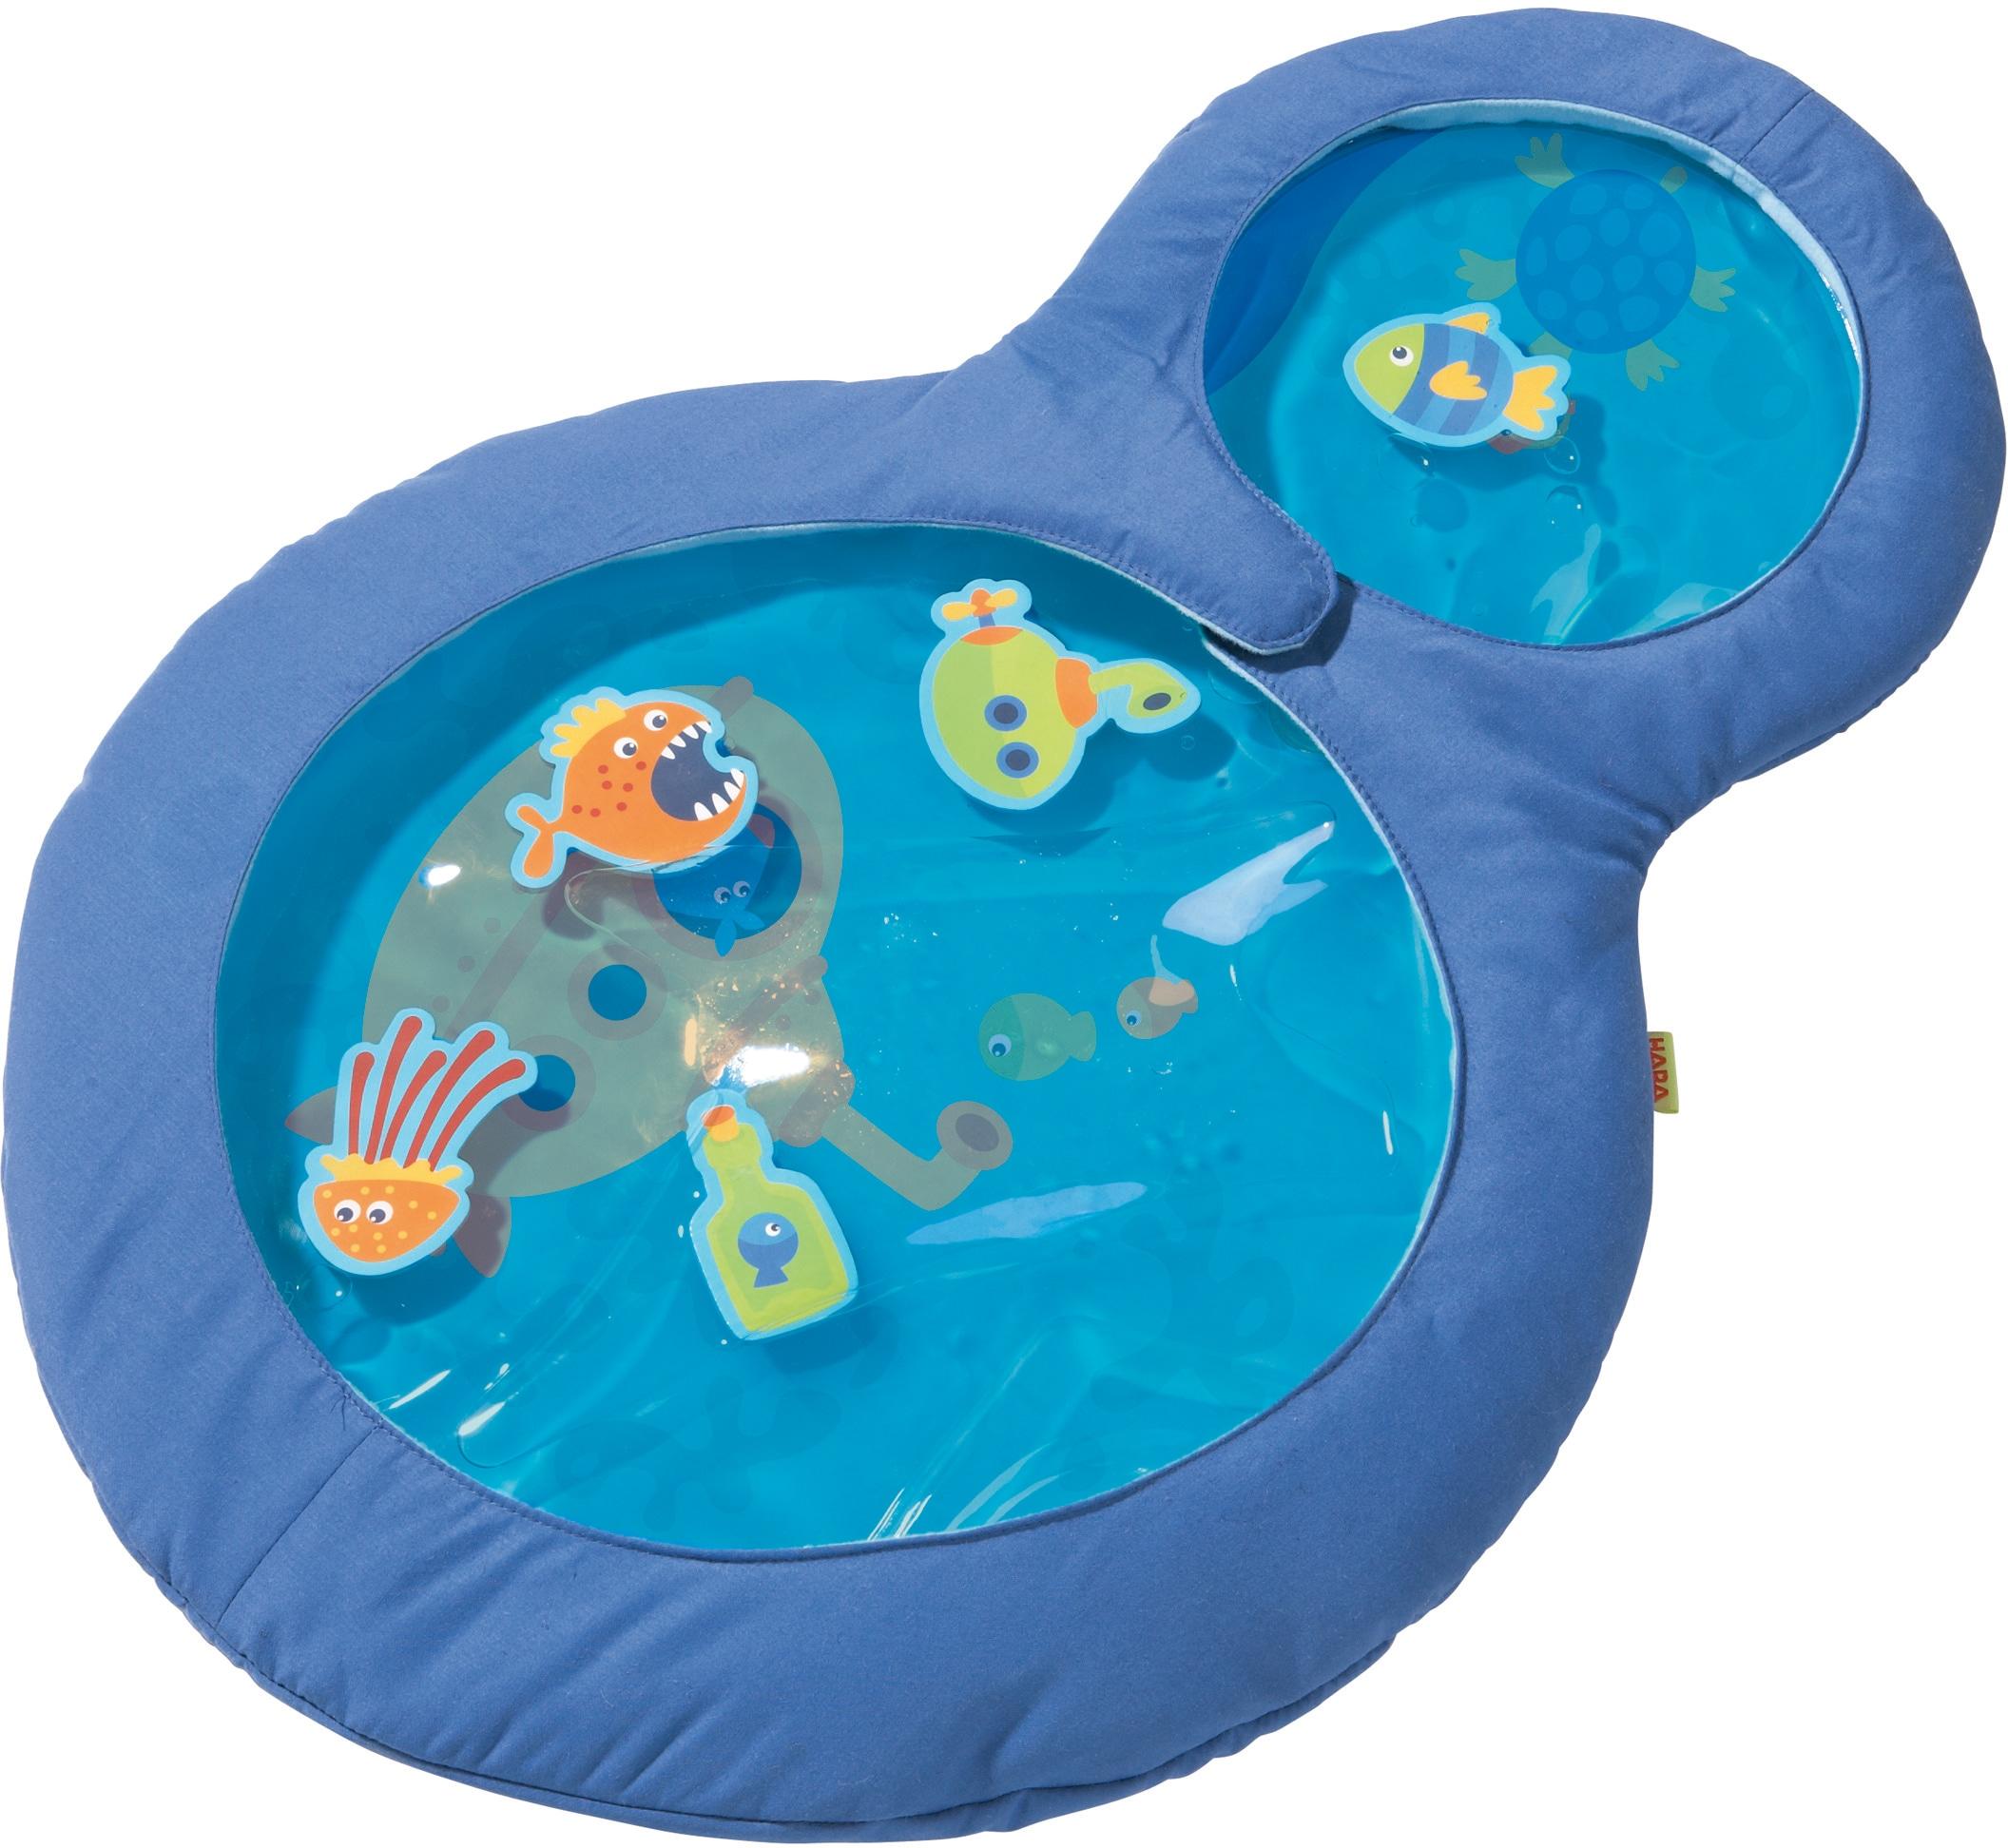 Haba Spielmatte, Kleine Taucher blau Kinder Lernspiele Lernspielzeug